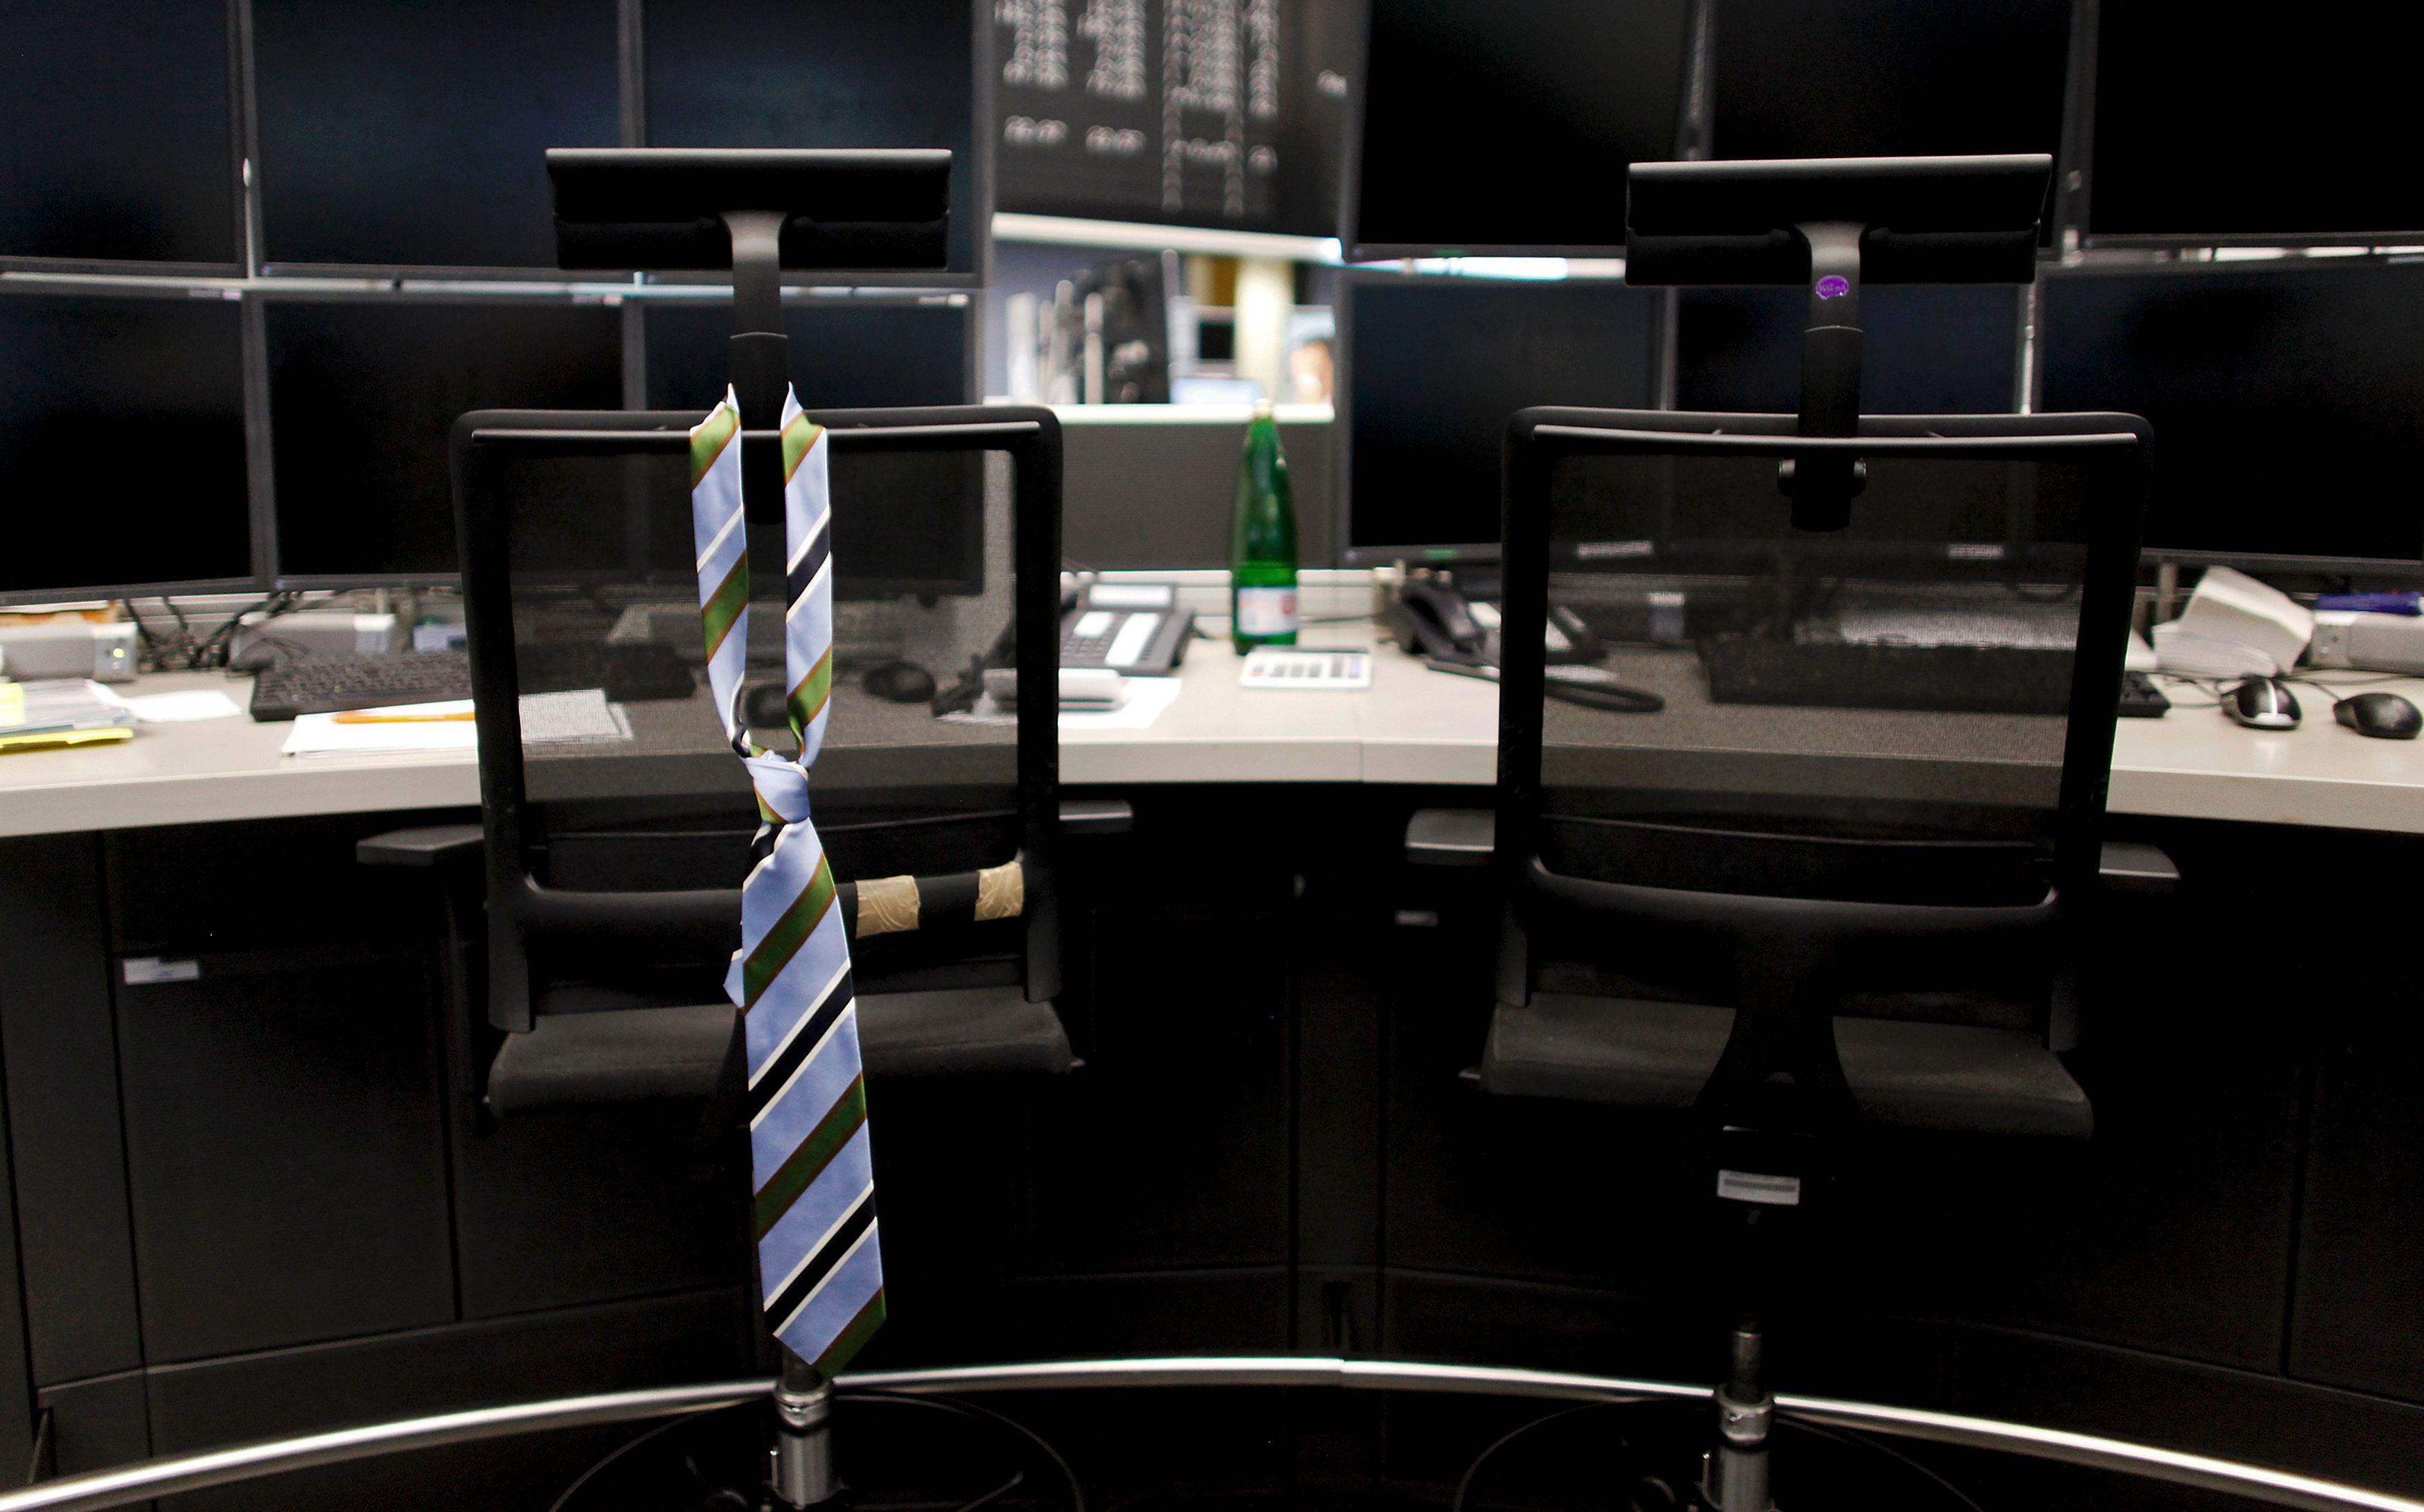 Tous debout au bureau: l'idée qui monte en ergonomie d'entreprise